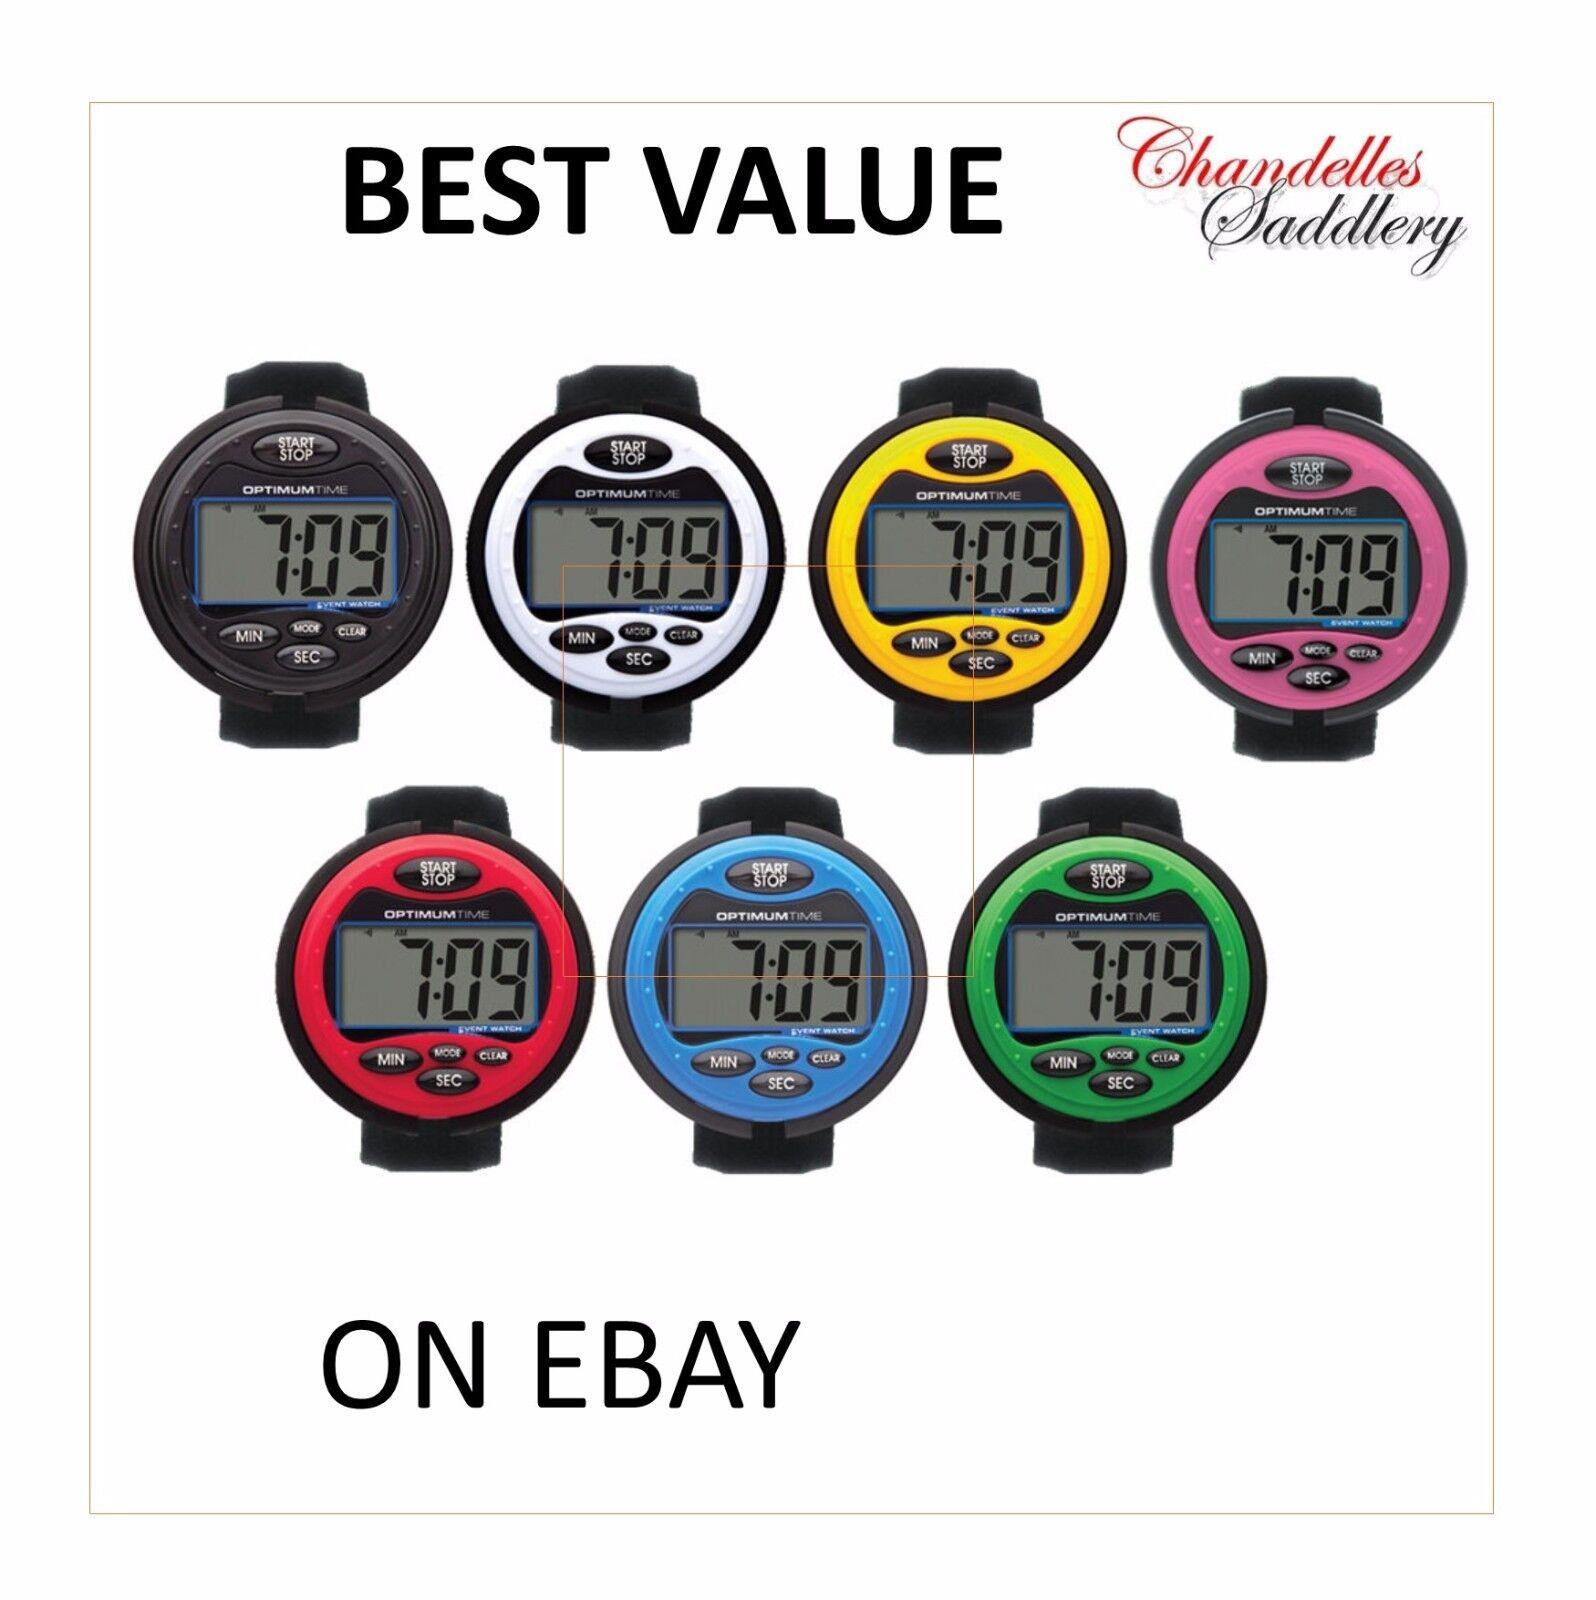 Tempo ottimale OE 3 SERIES evento orologio-scelta di 7 colorei + Worldwide Shipping